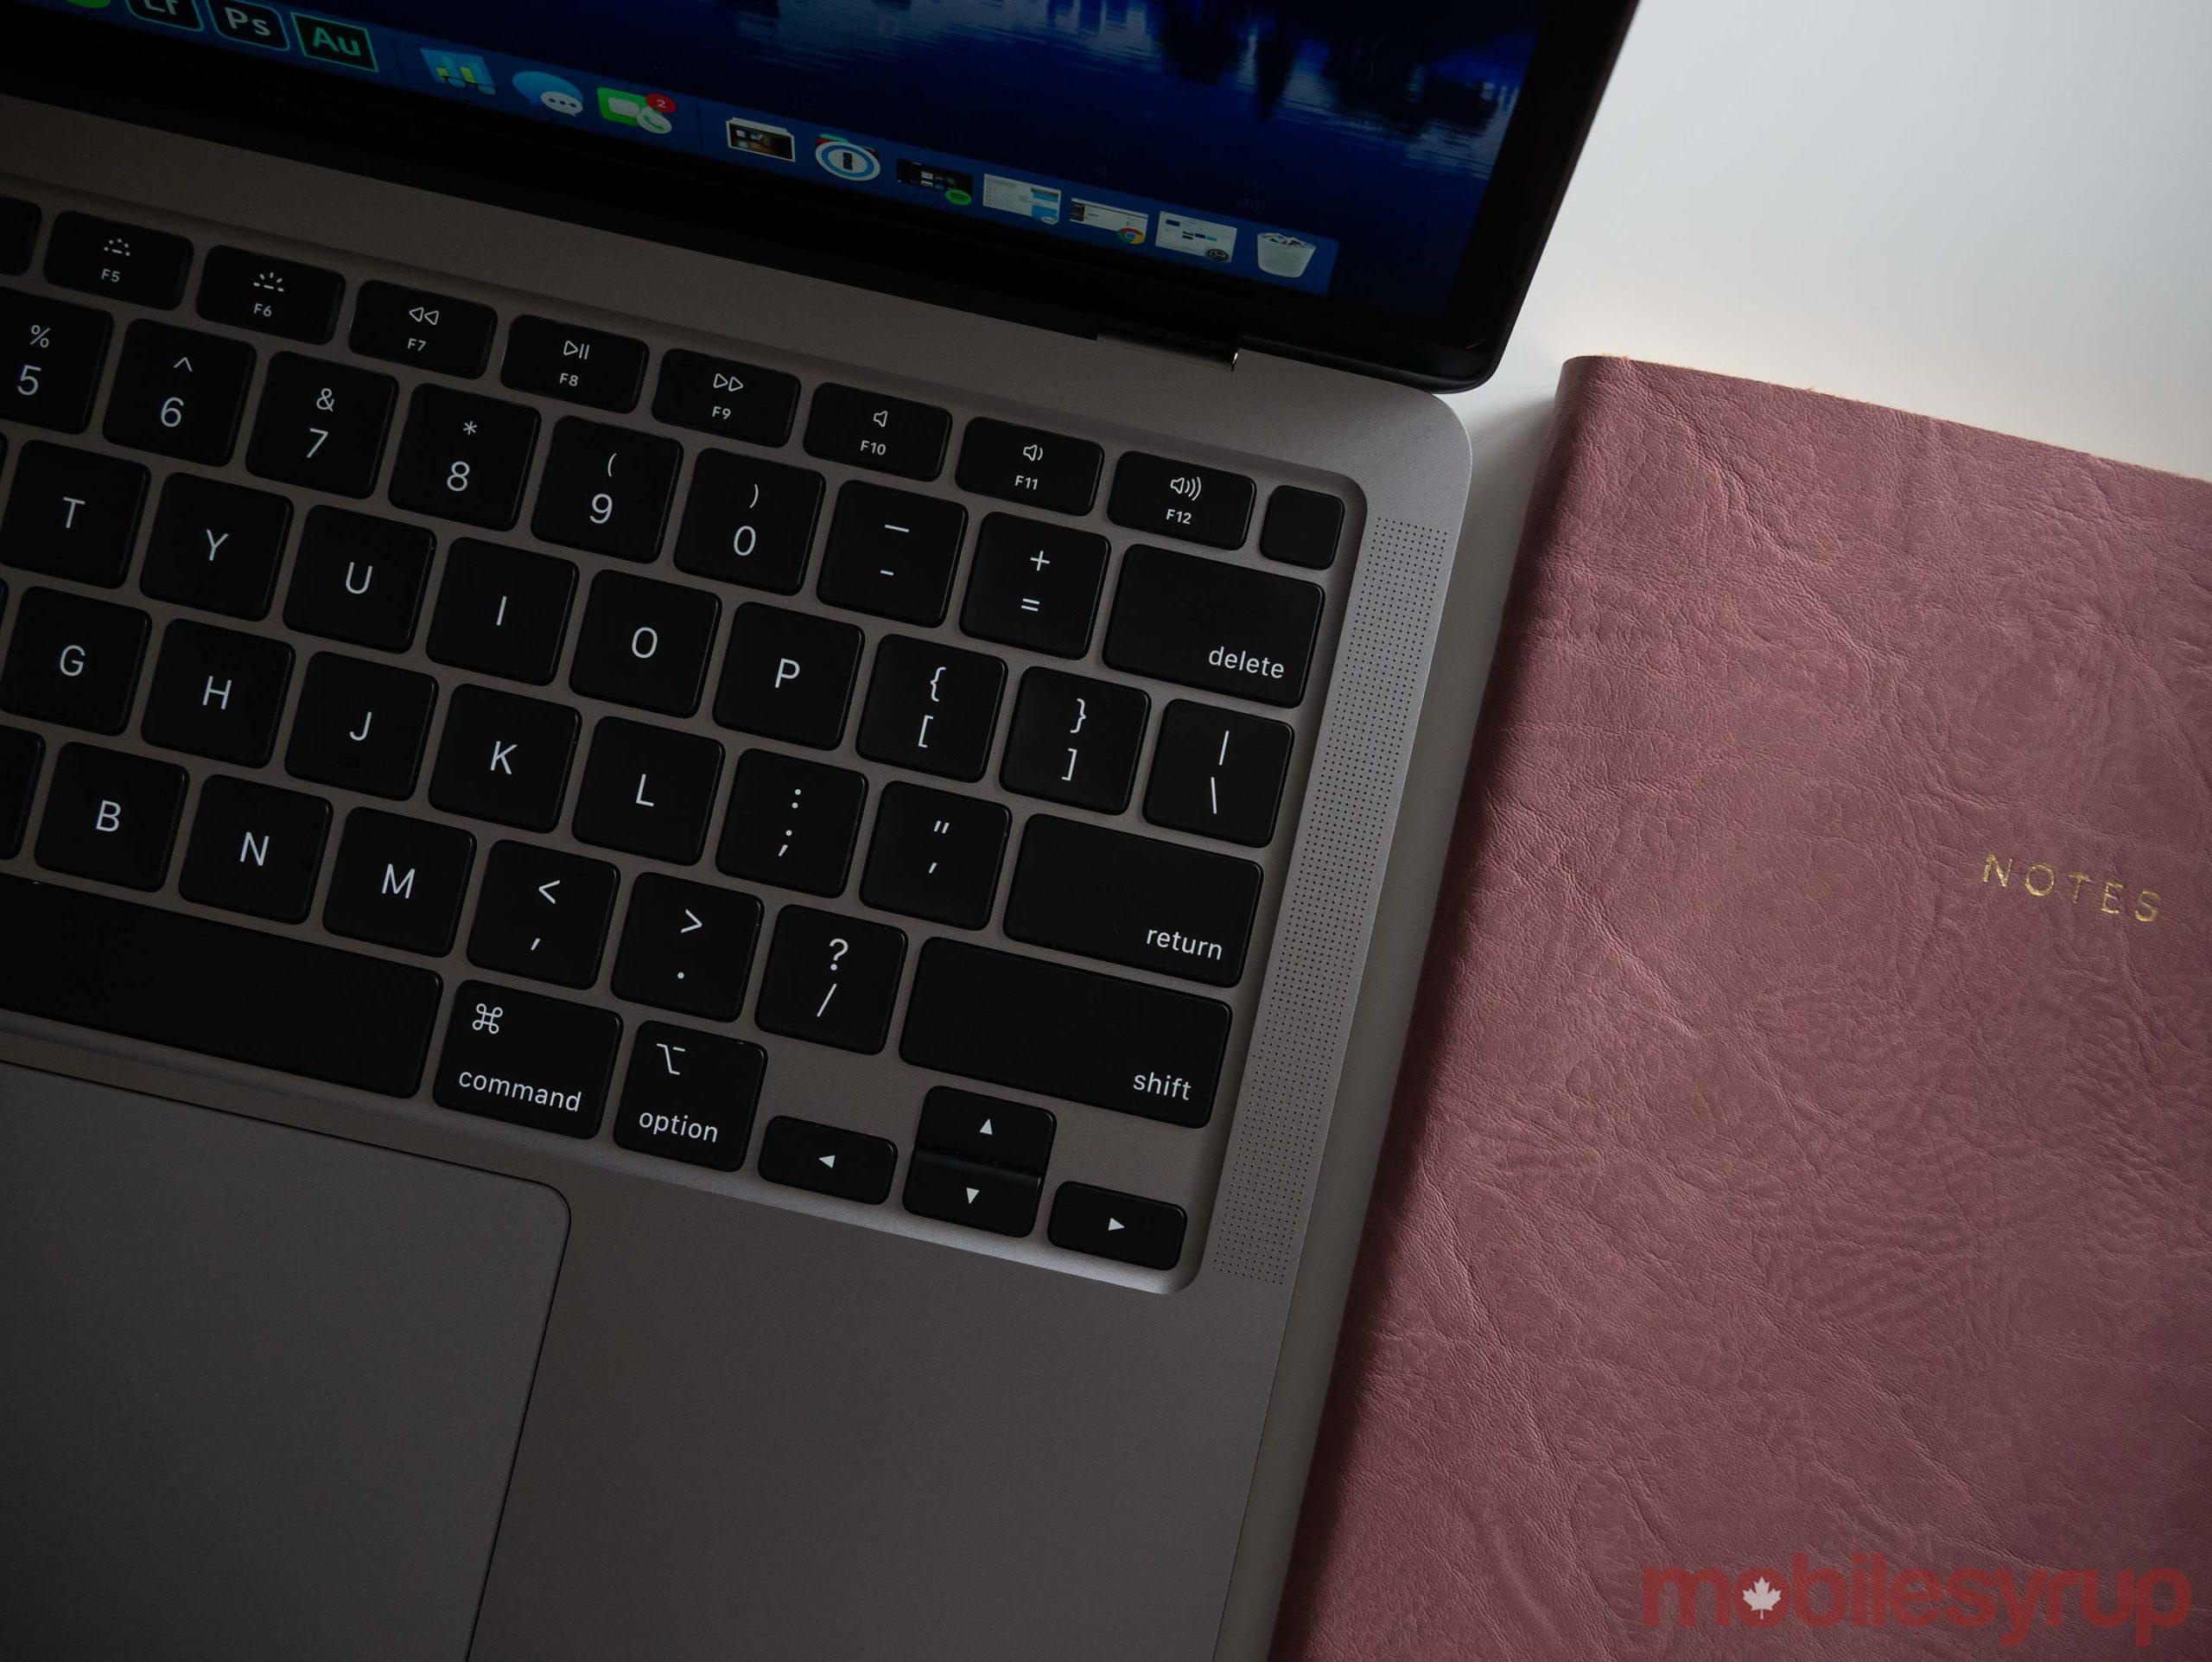 MacBook Air (2020) keyboard